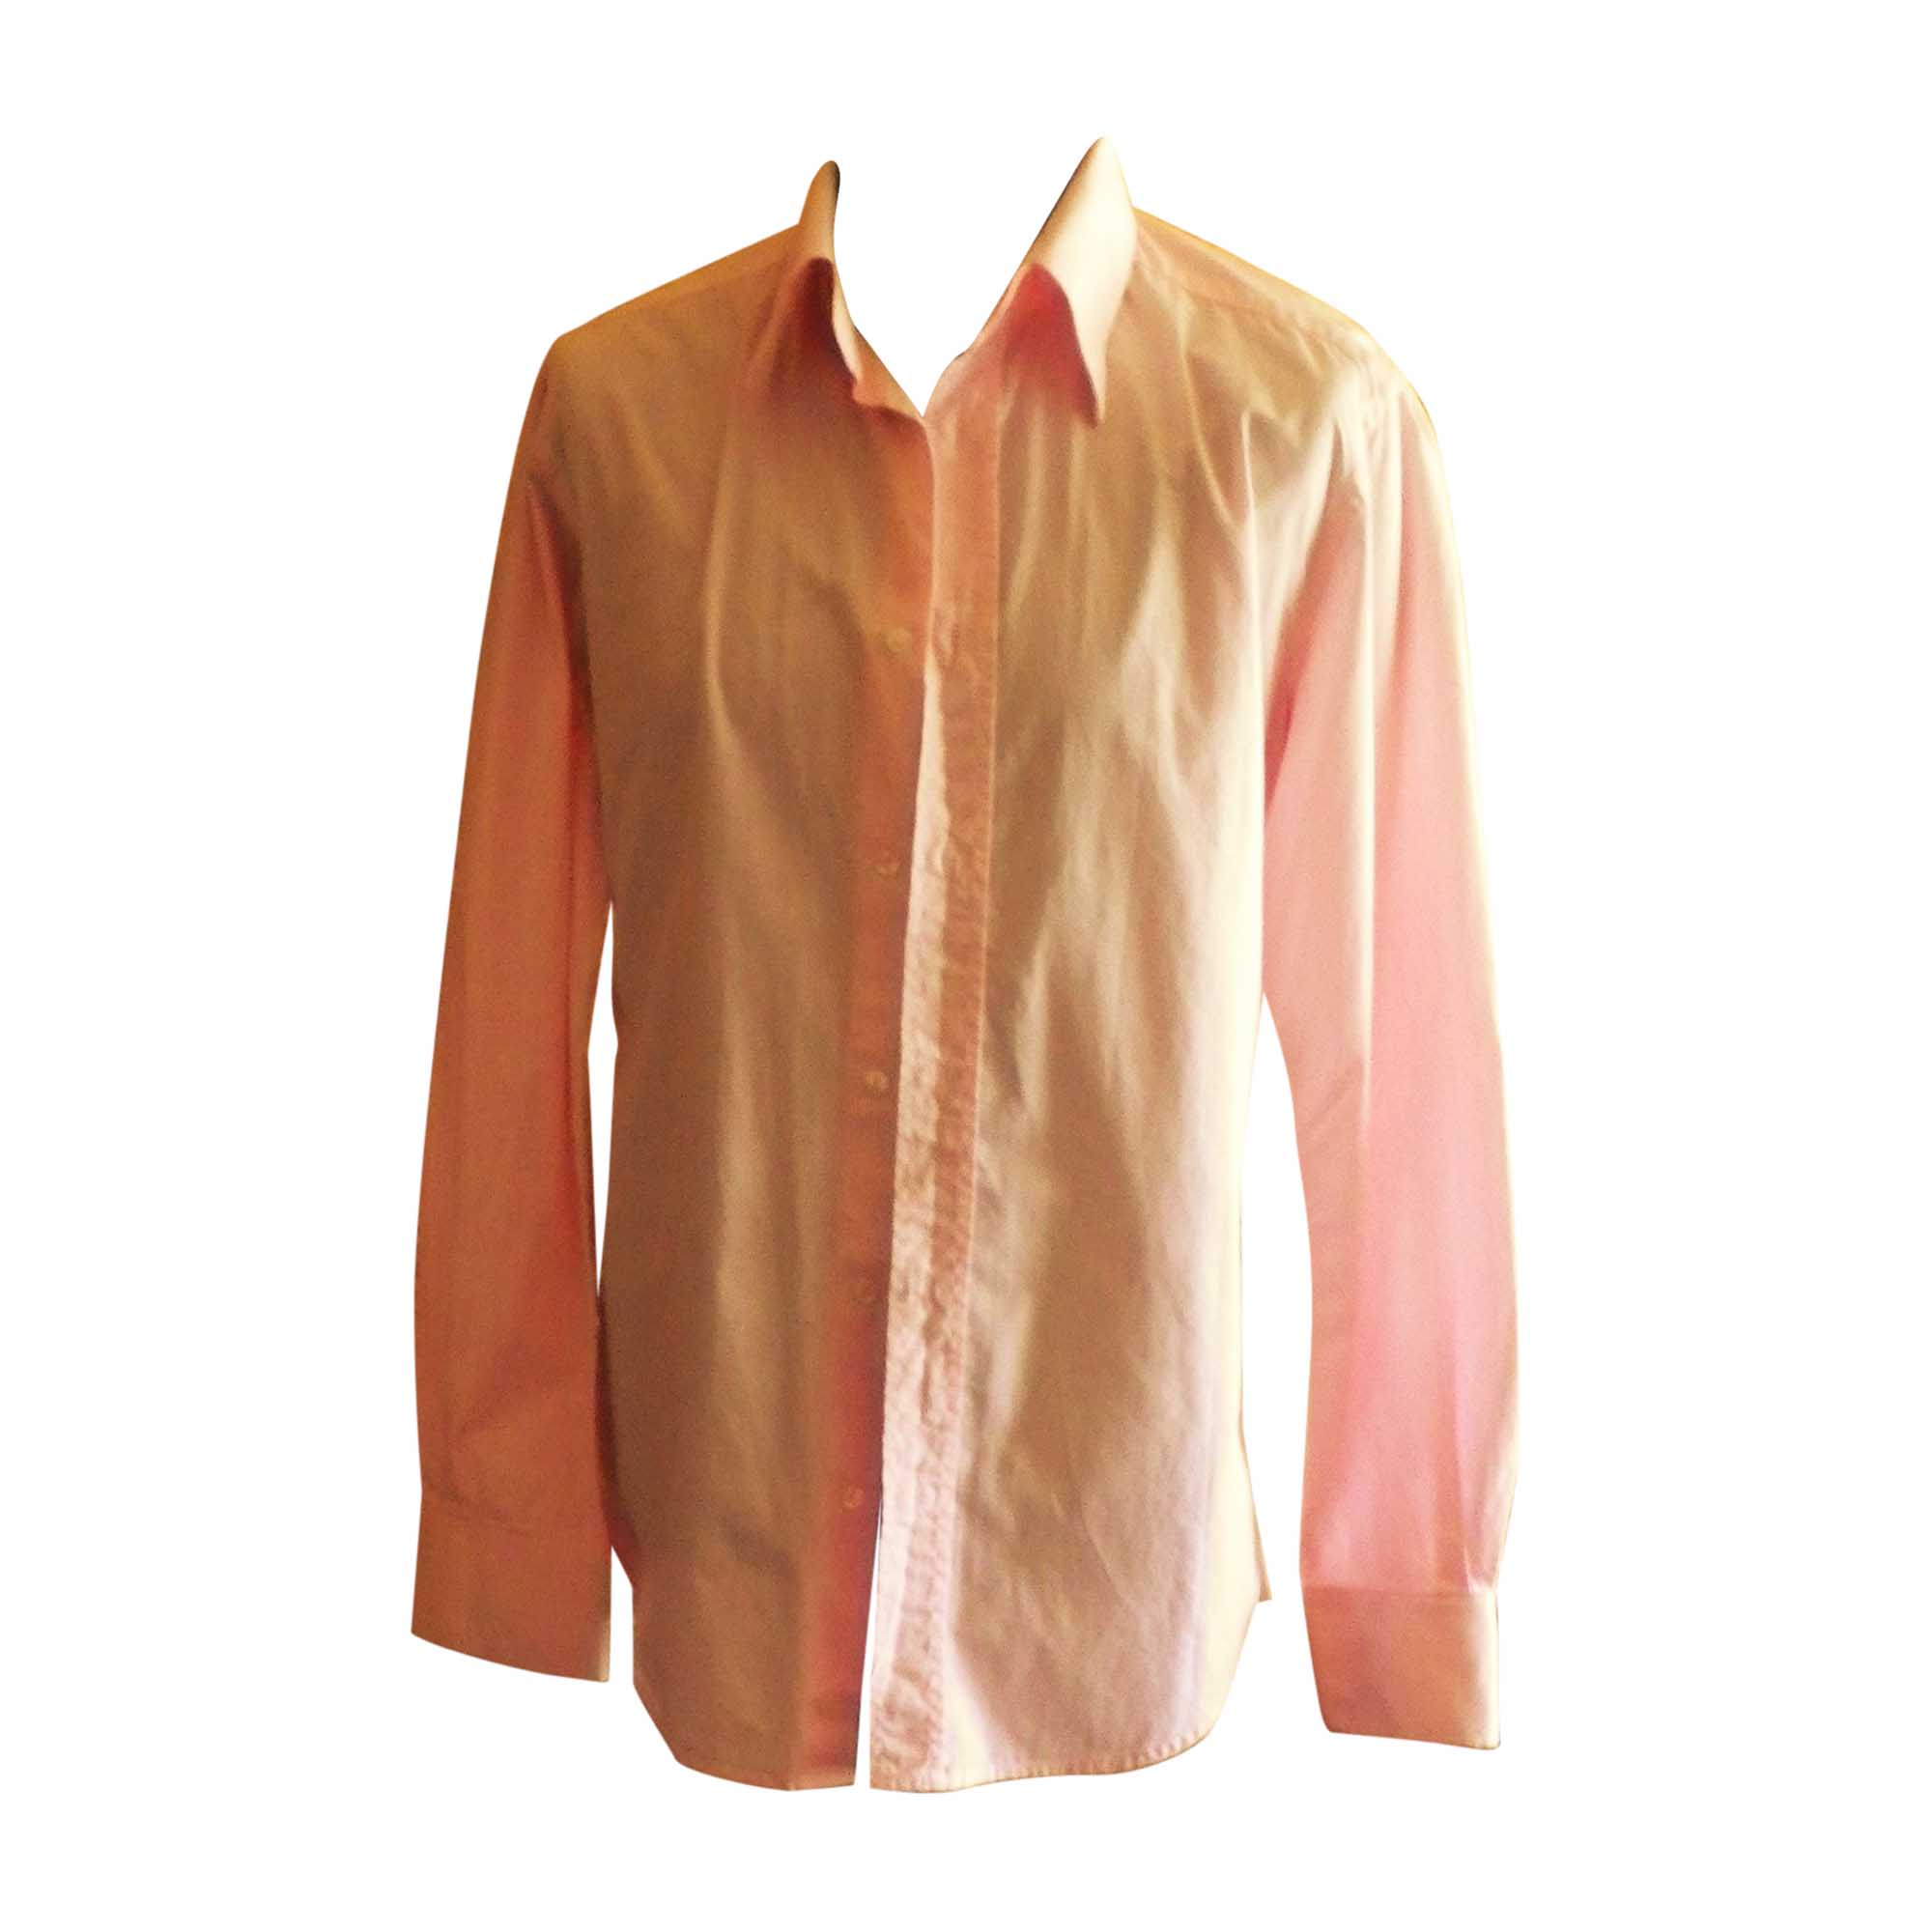 Shirt DOLCE & GABBANA Pink, fuchsia, light pink